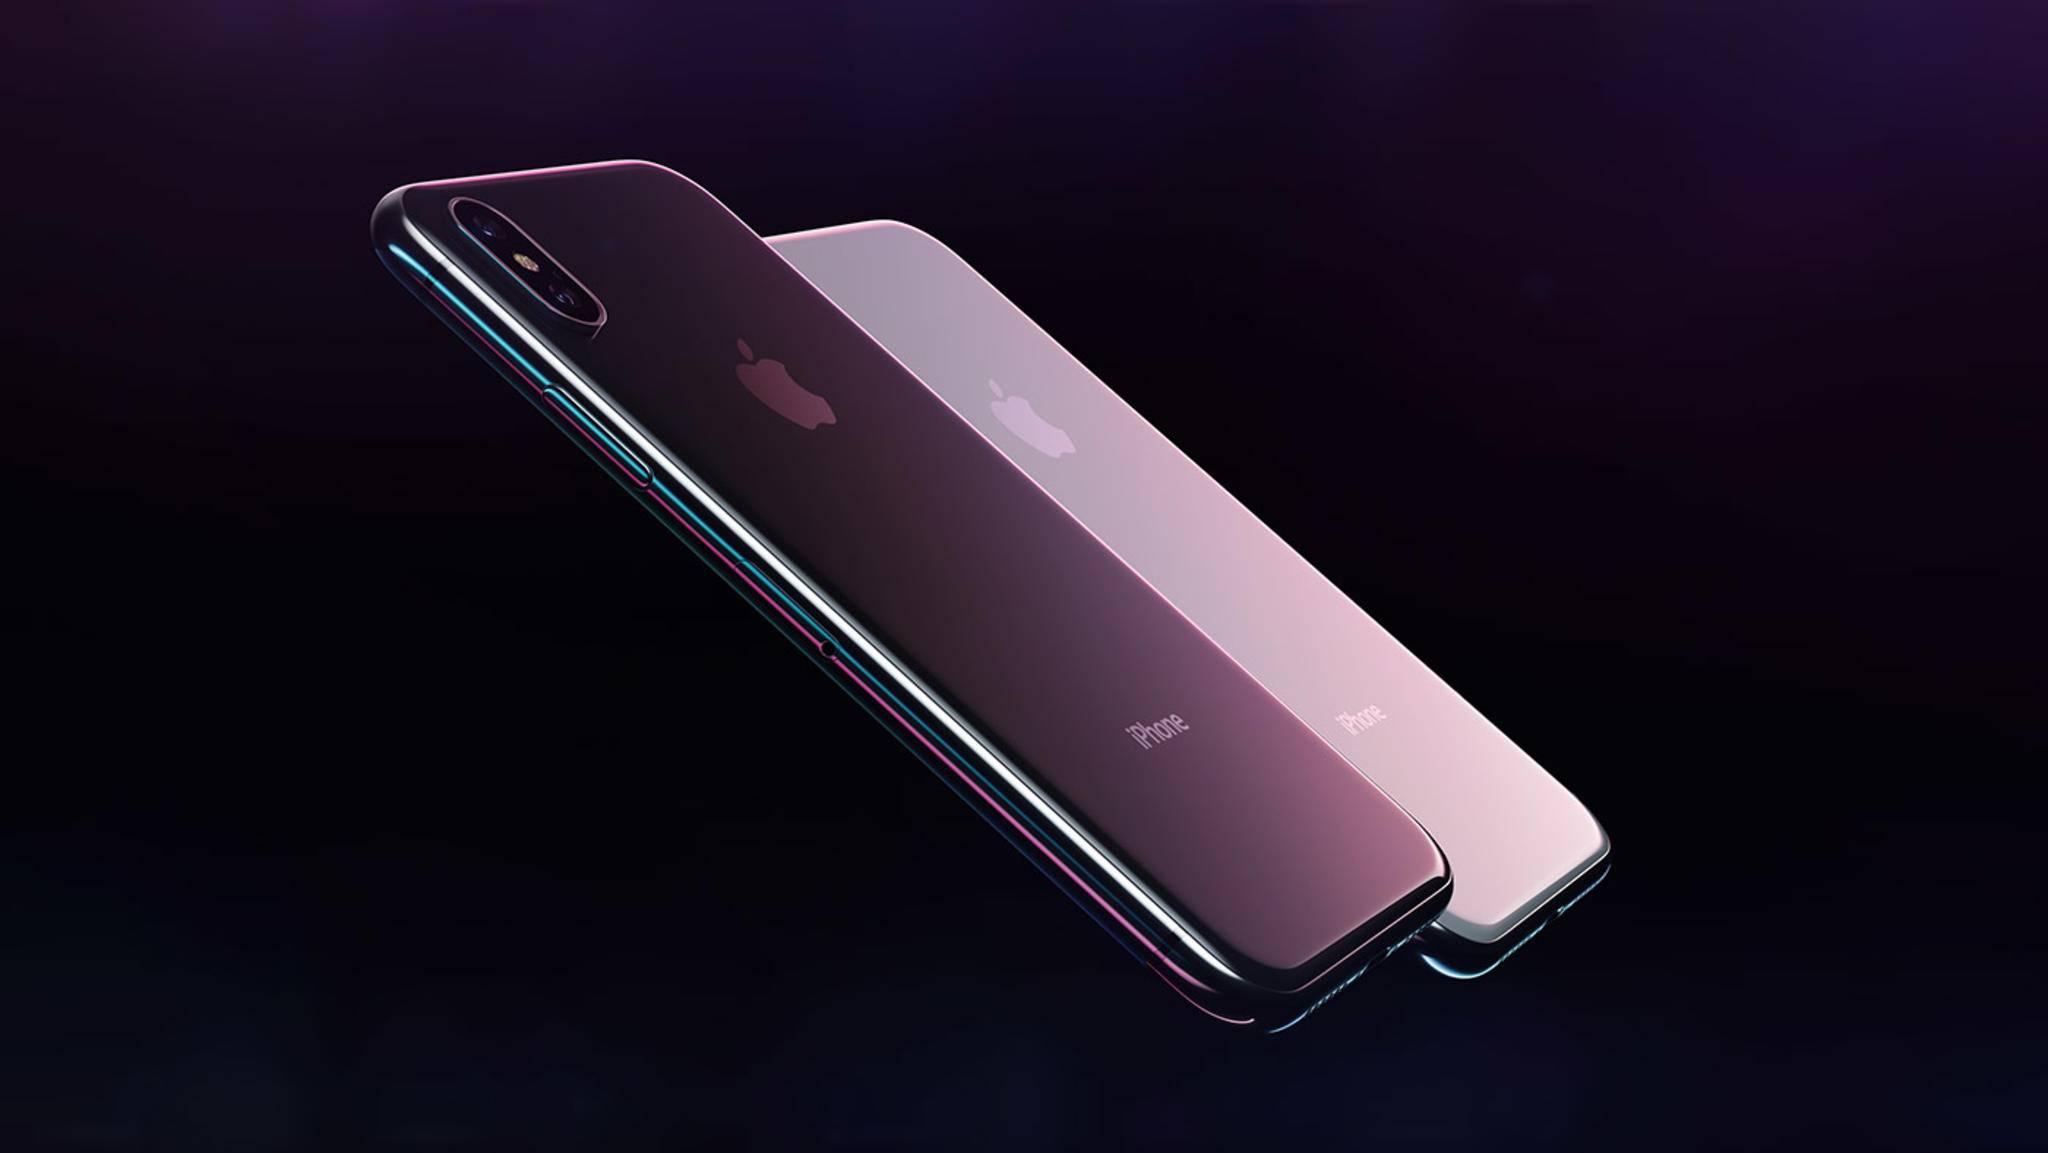 Werden sich zwei iPhones zwecks Datenübertragung per Kabel verbinden lassen? Ein entsprechender Hinweis darauf findet sich in der neuesten Beta von iOS 13.